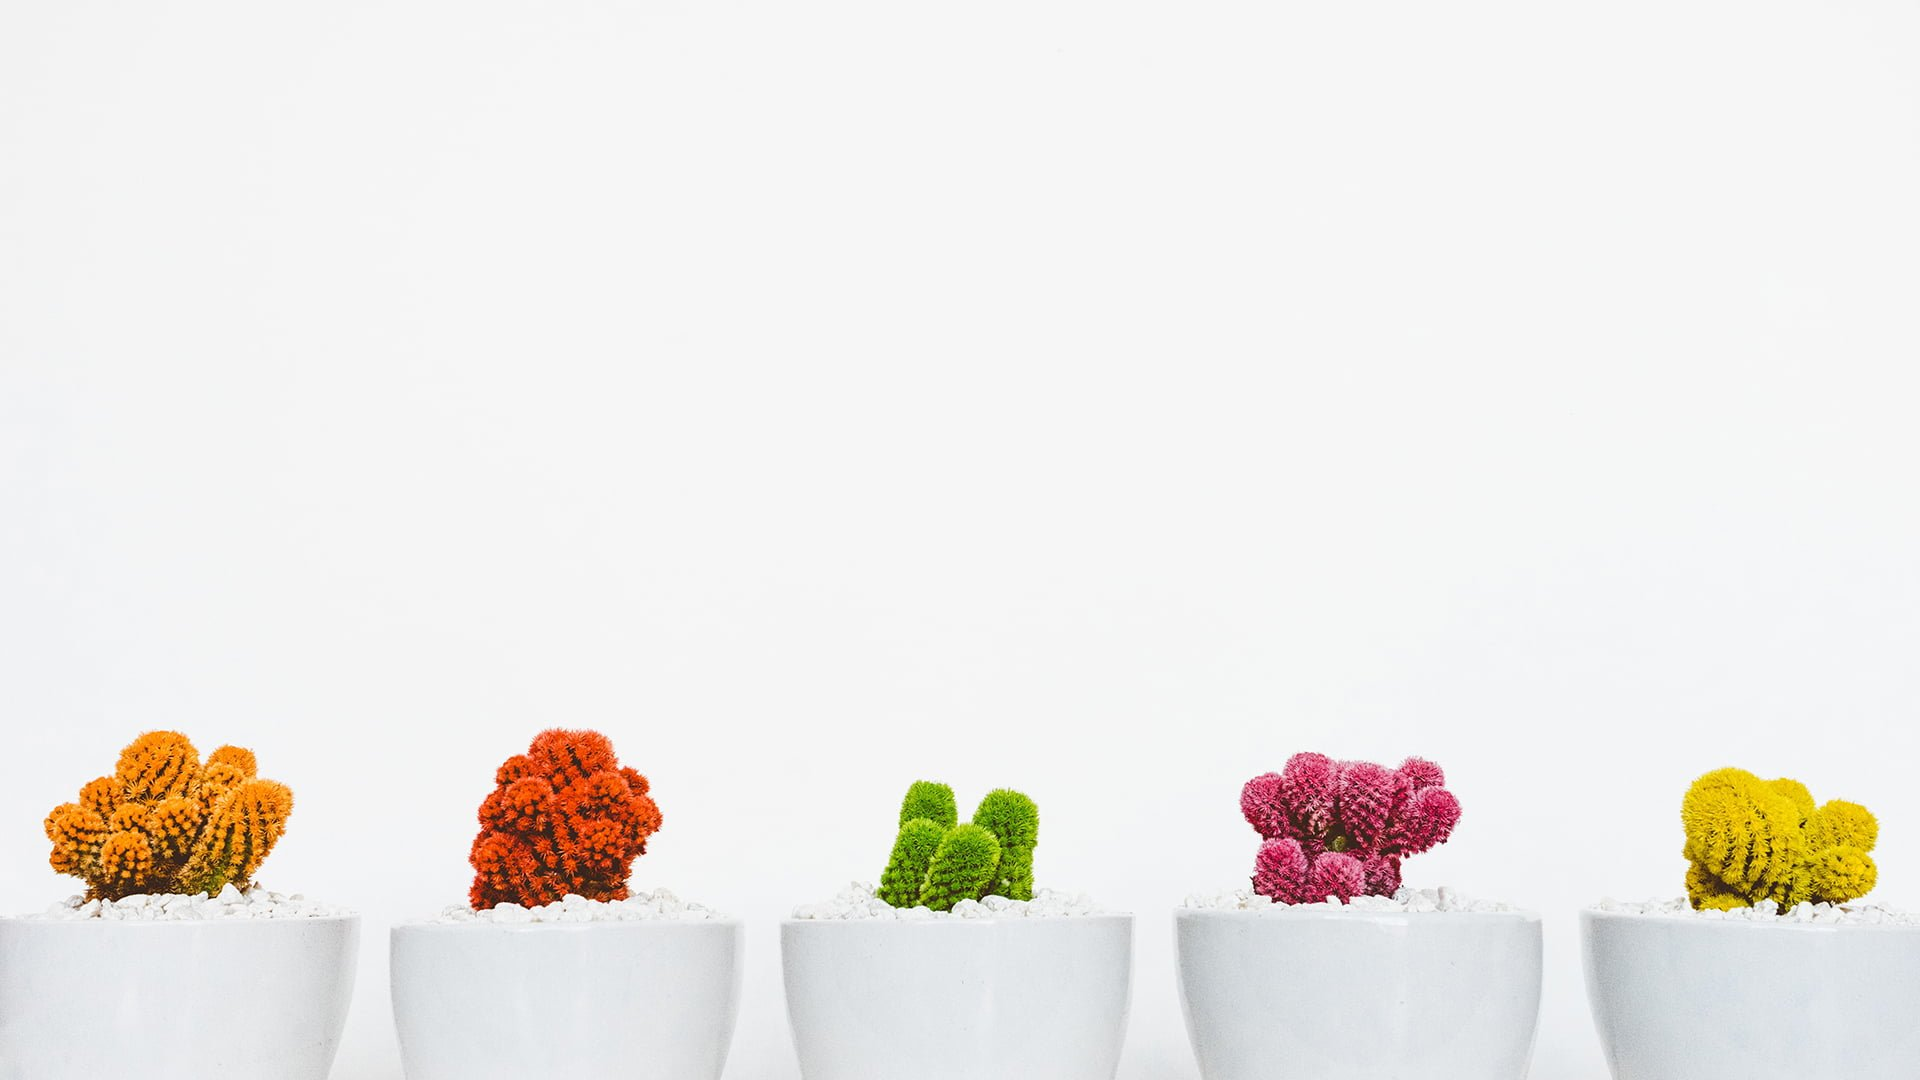 екипен коучинг високо ефективните екипи кактуси шарени бял фон group coaching highly effective teams cactus colourful white background Generative Mindset ILC